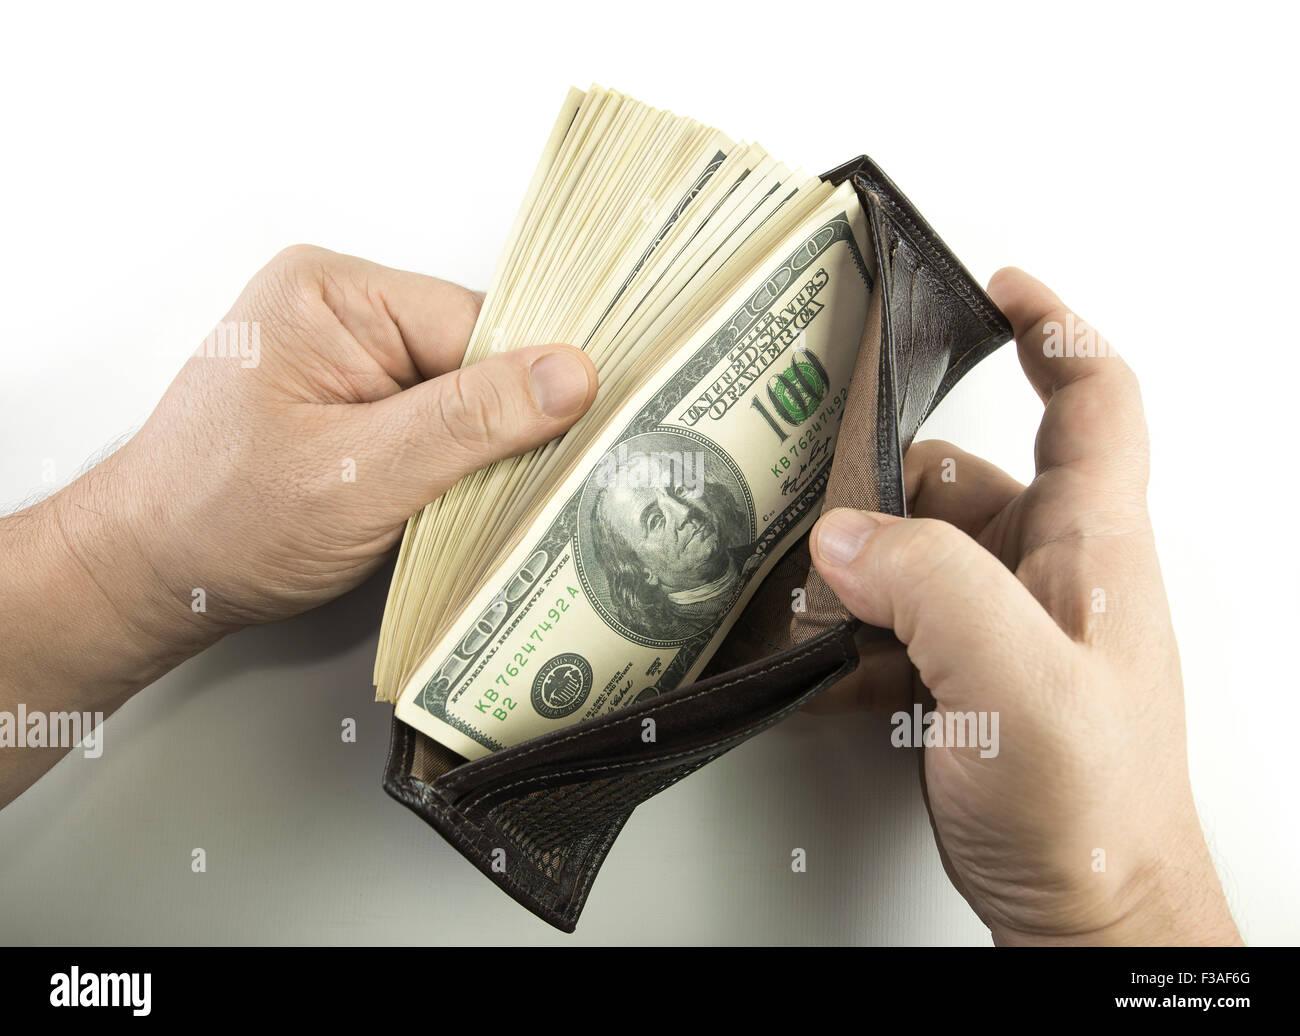 atesorar como una mercancía rara mayor selección de 2019 gran descuento Apertura de mano una cartera con billetes de 100 dólares de ...